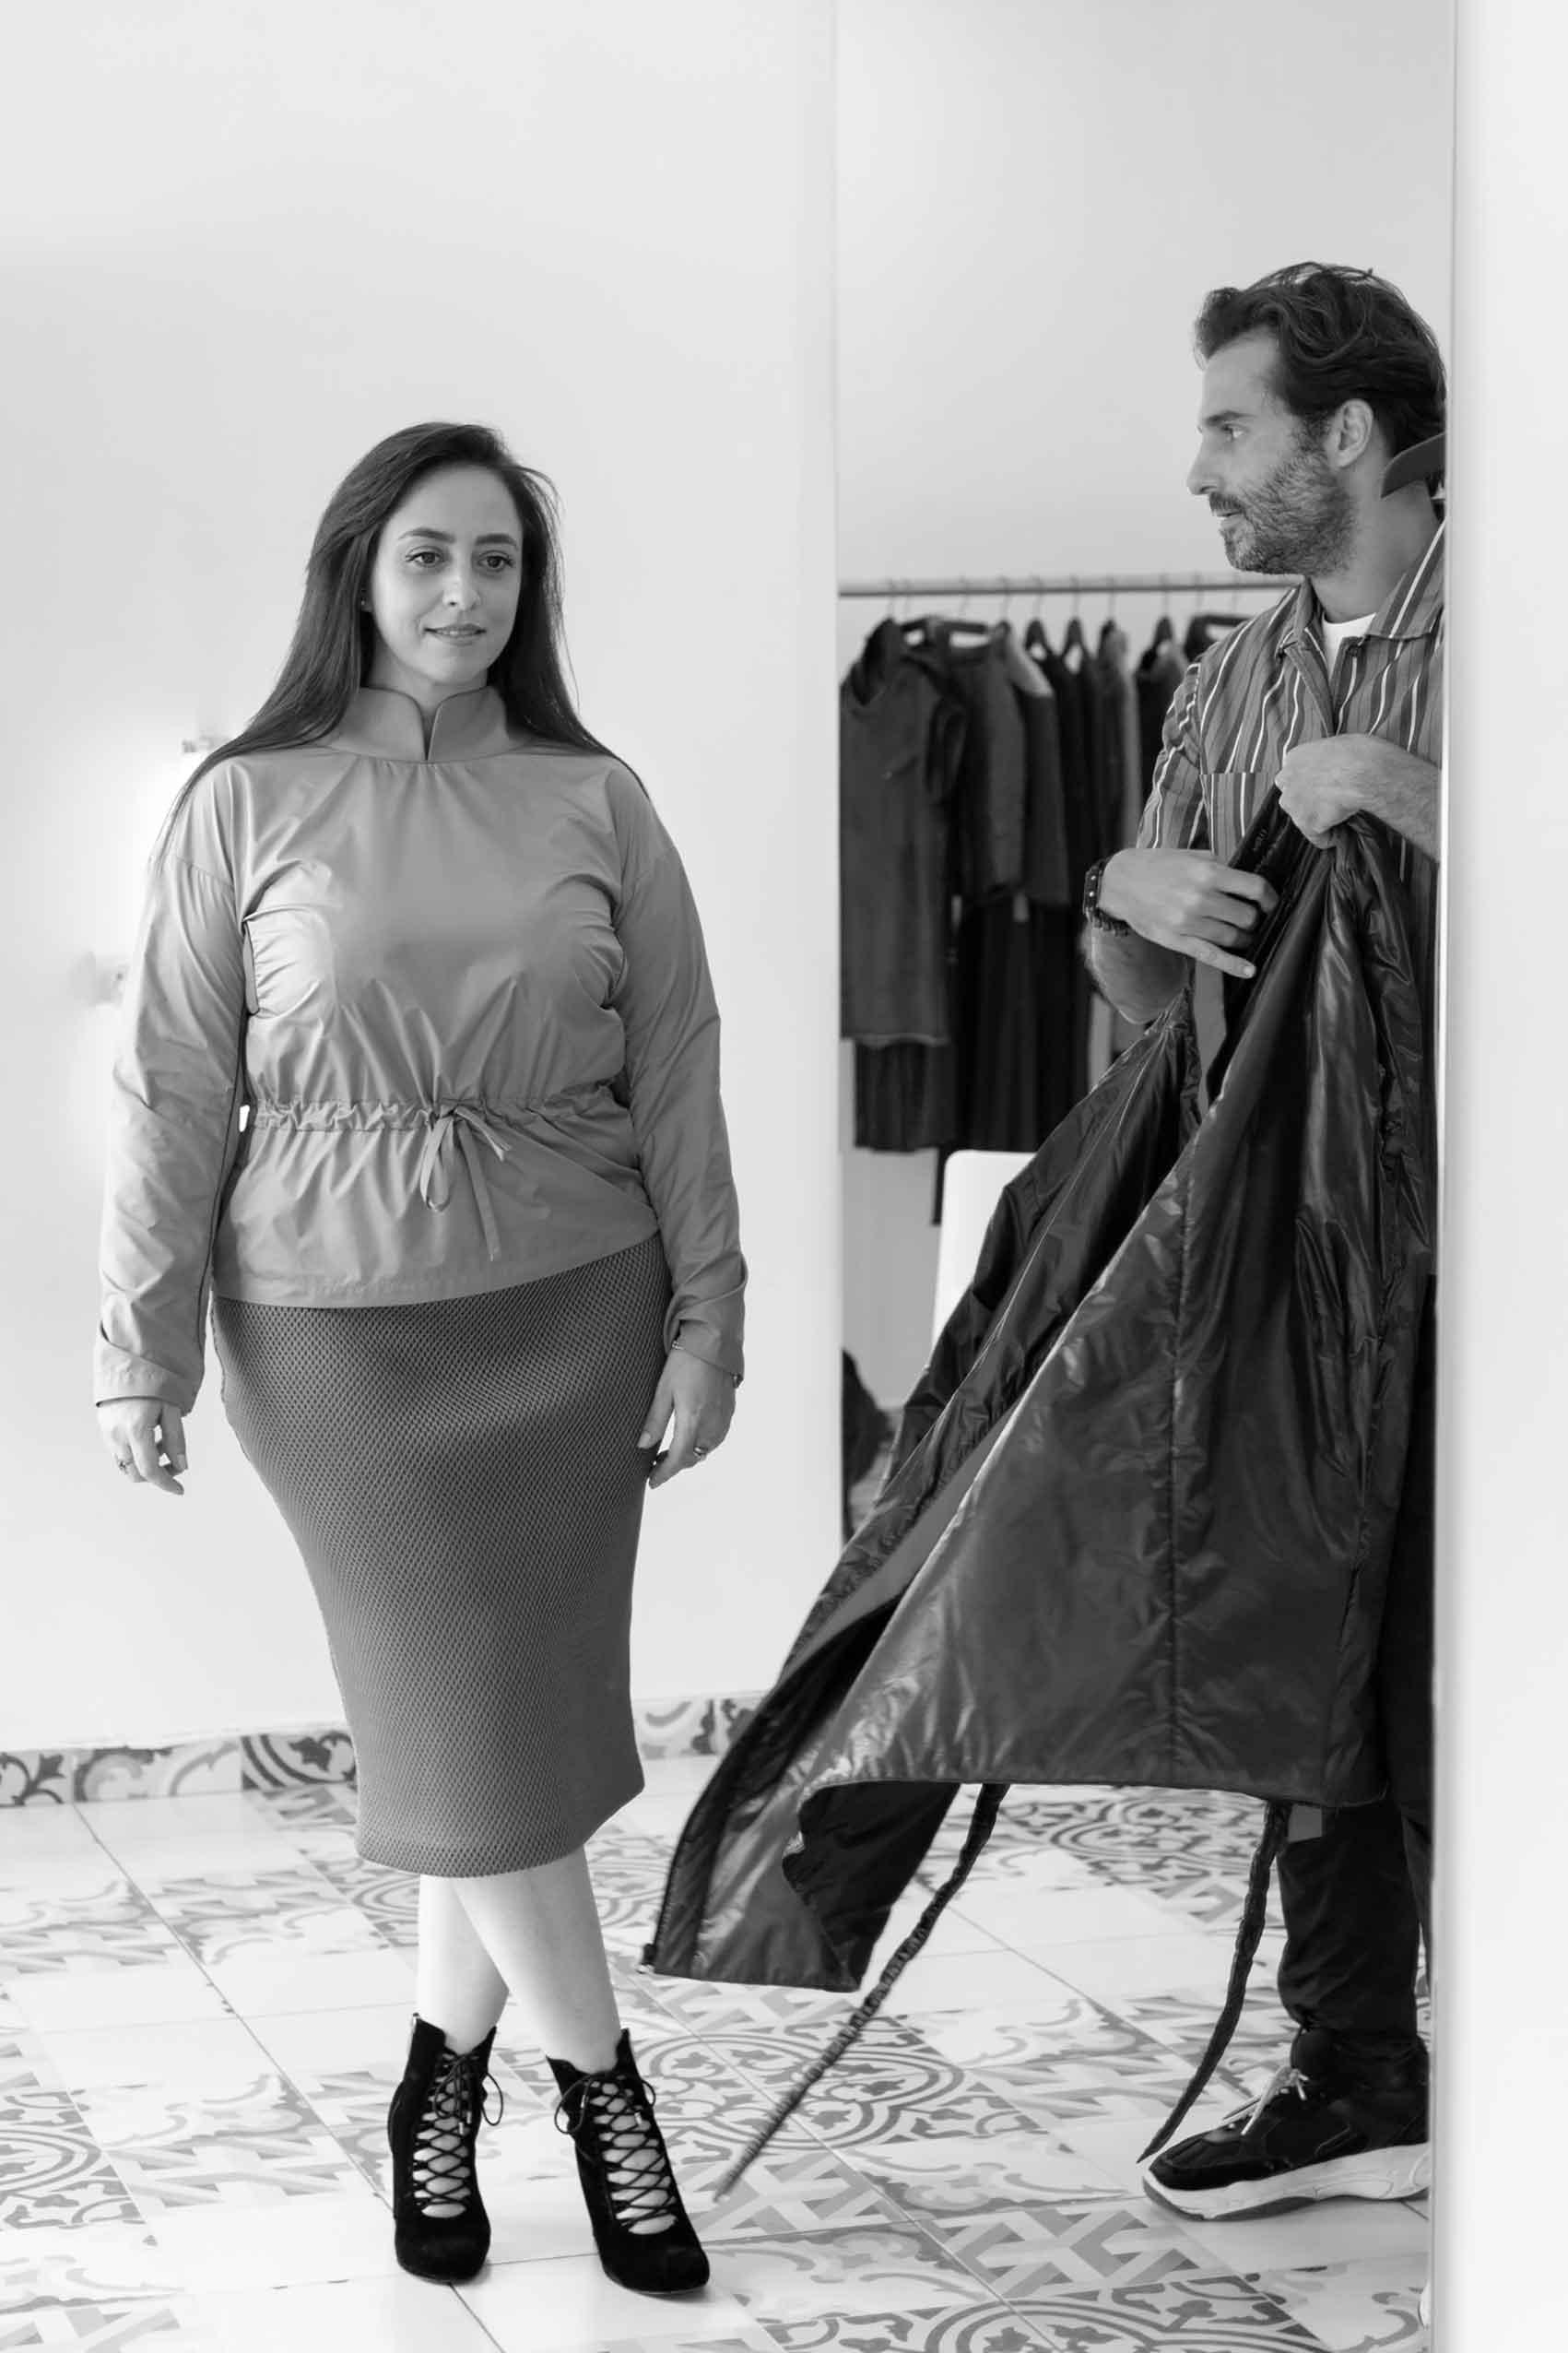 מגזין-אופנה-דיגיטלי-אלישע-אברגיל-טלי-ארבל-אופנה-חדשות-אופנה